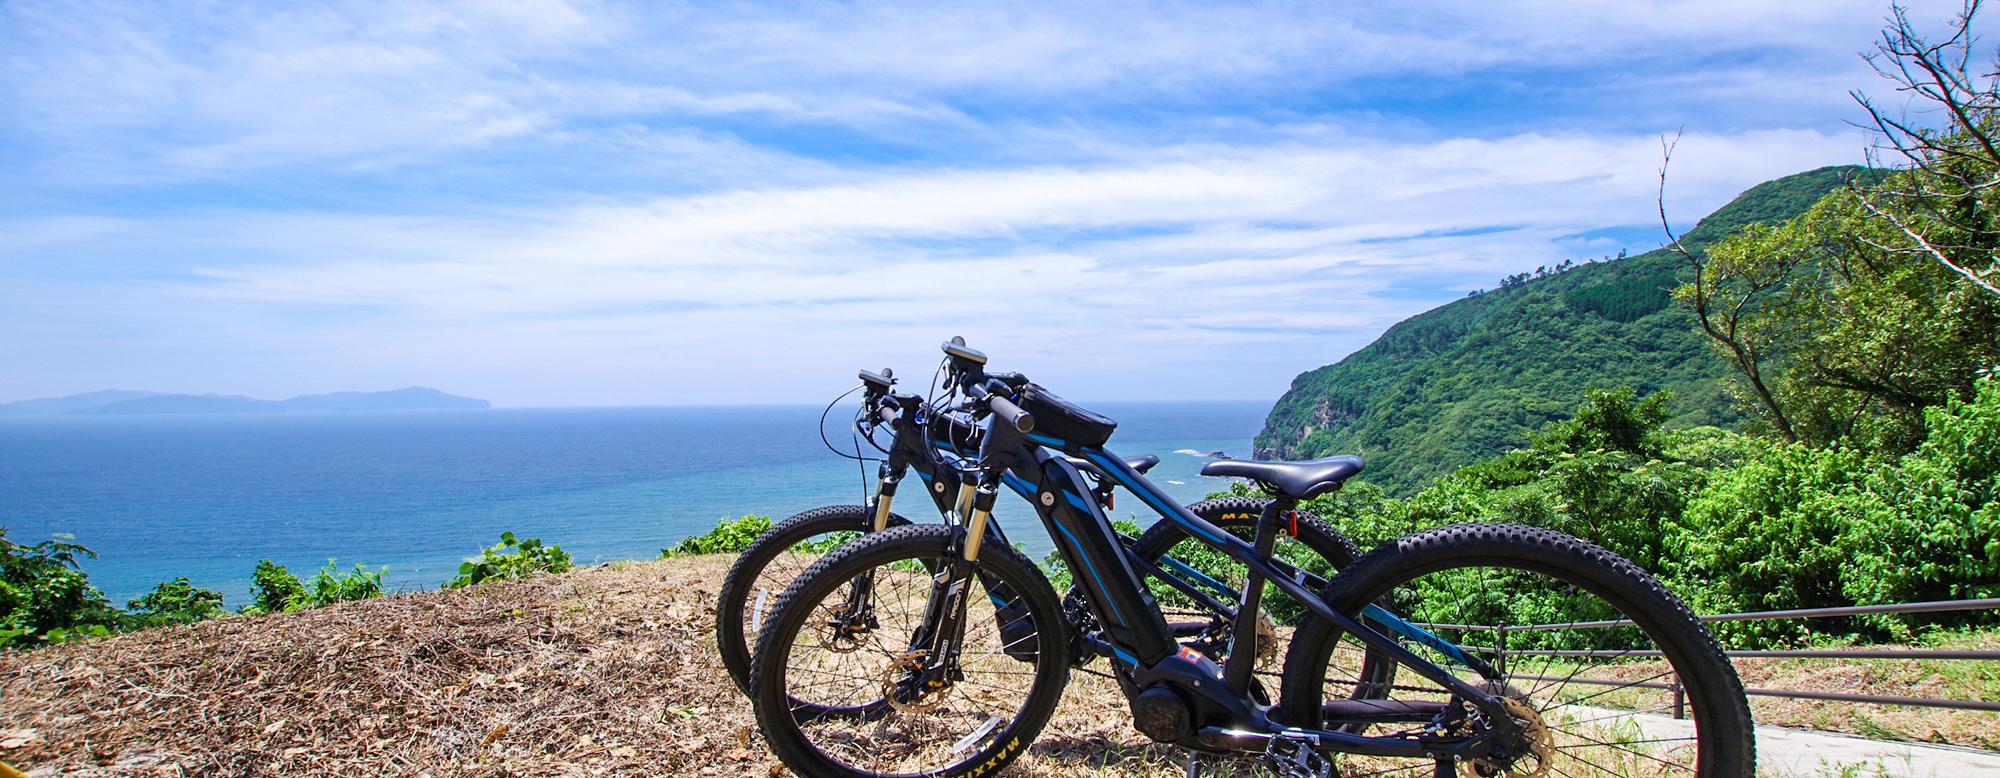 新アクティビティ「E-Bike」で気分爽快!隠岐の島の大自然を駆け巡る旅